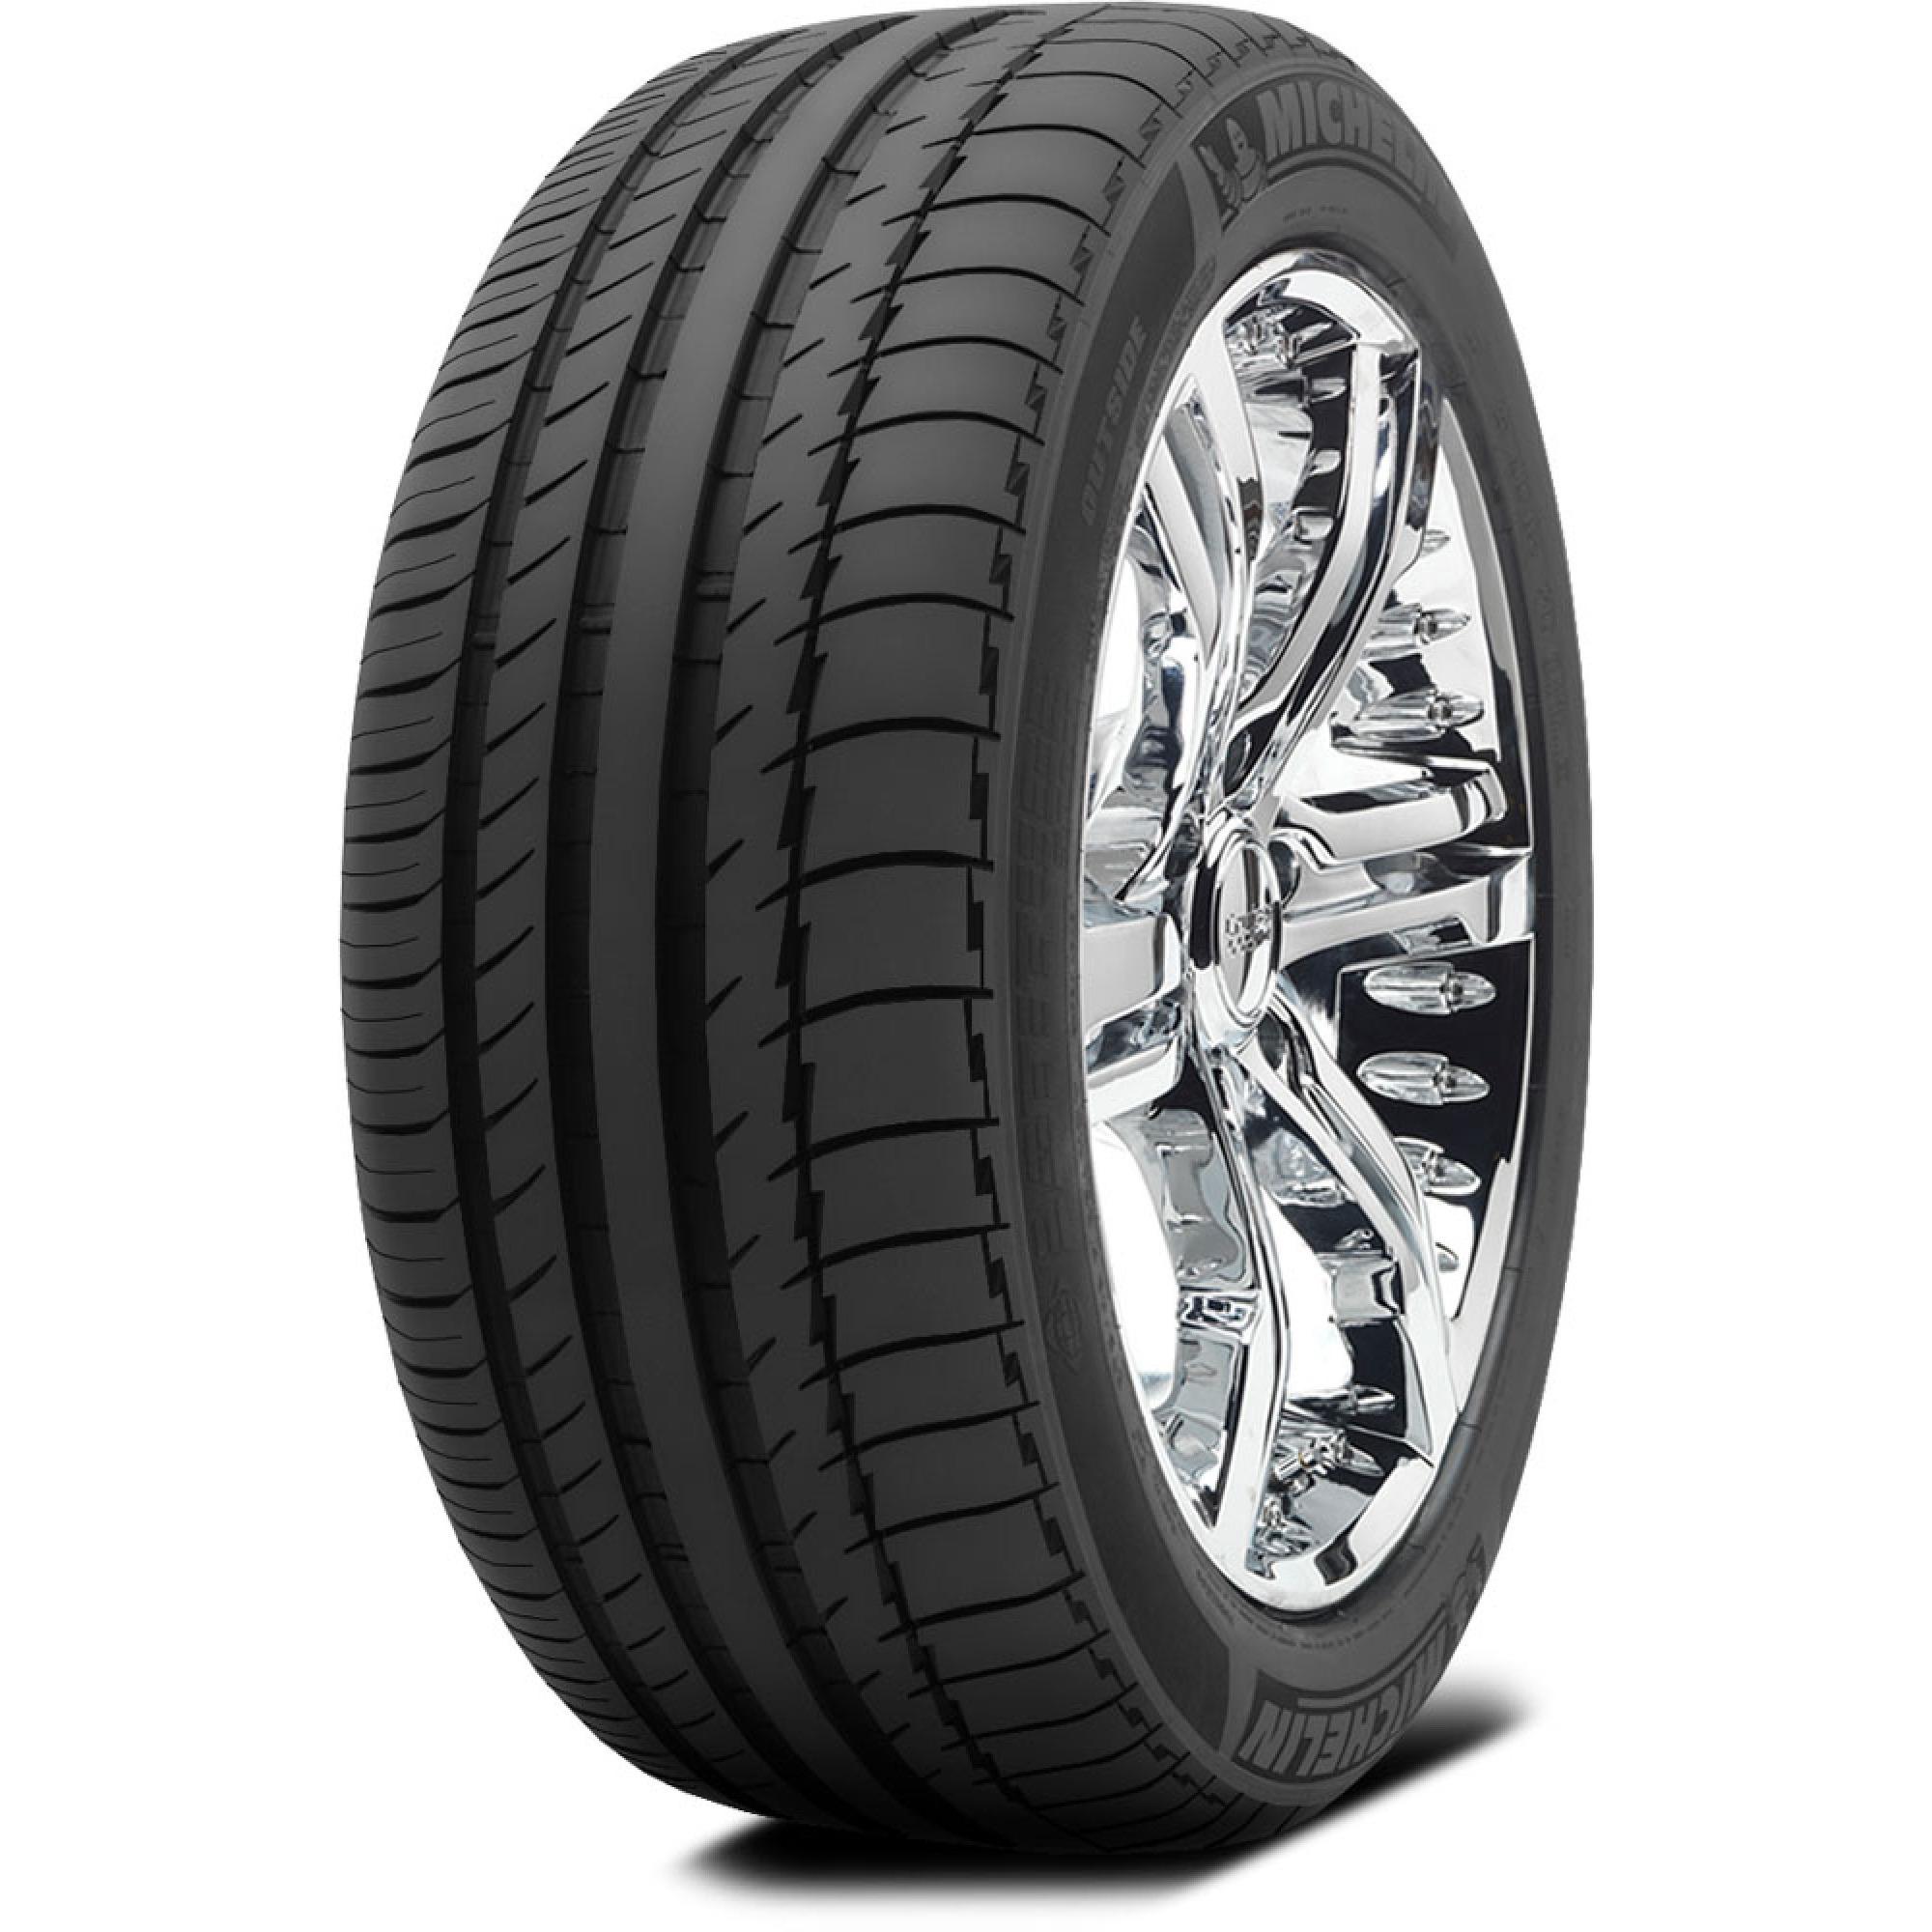 Michelin LATITUDESPORT pneumatiky